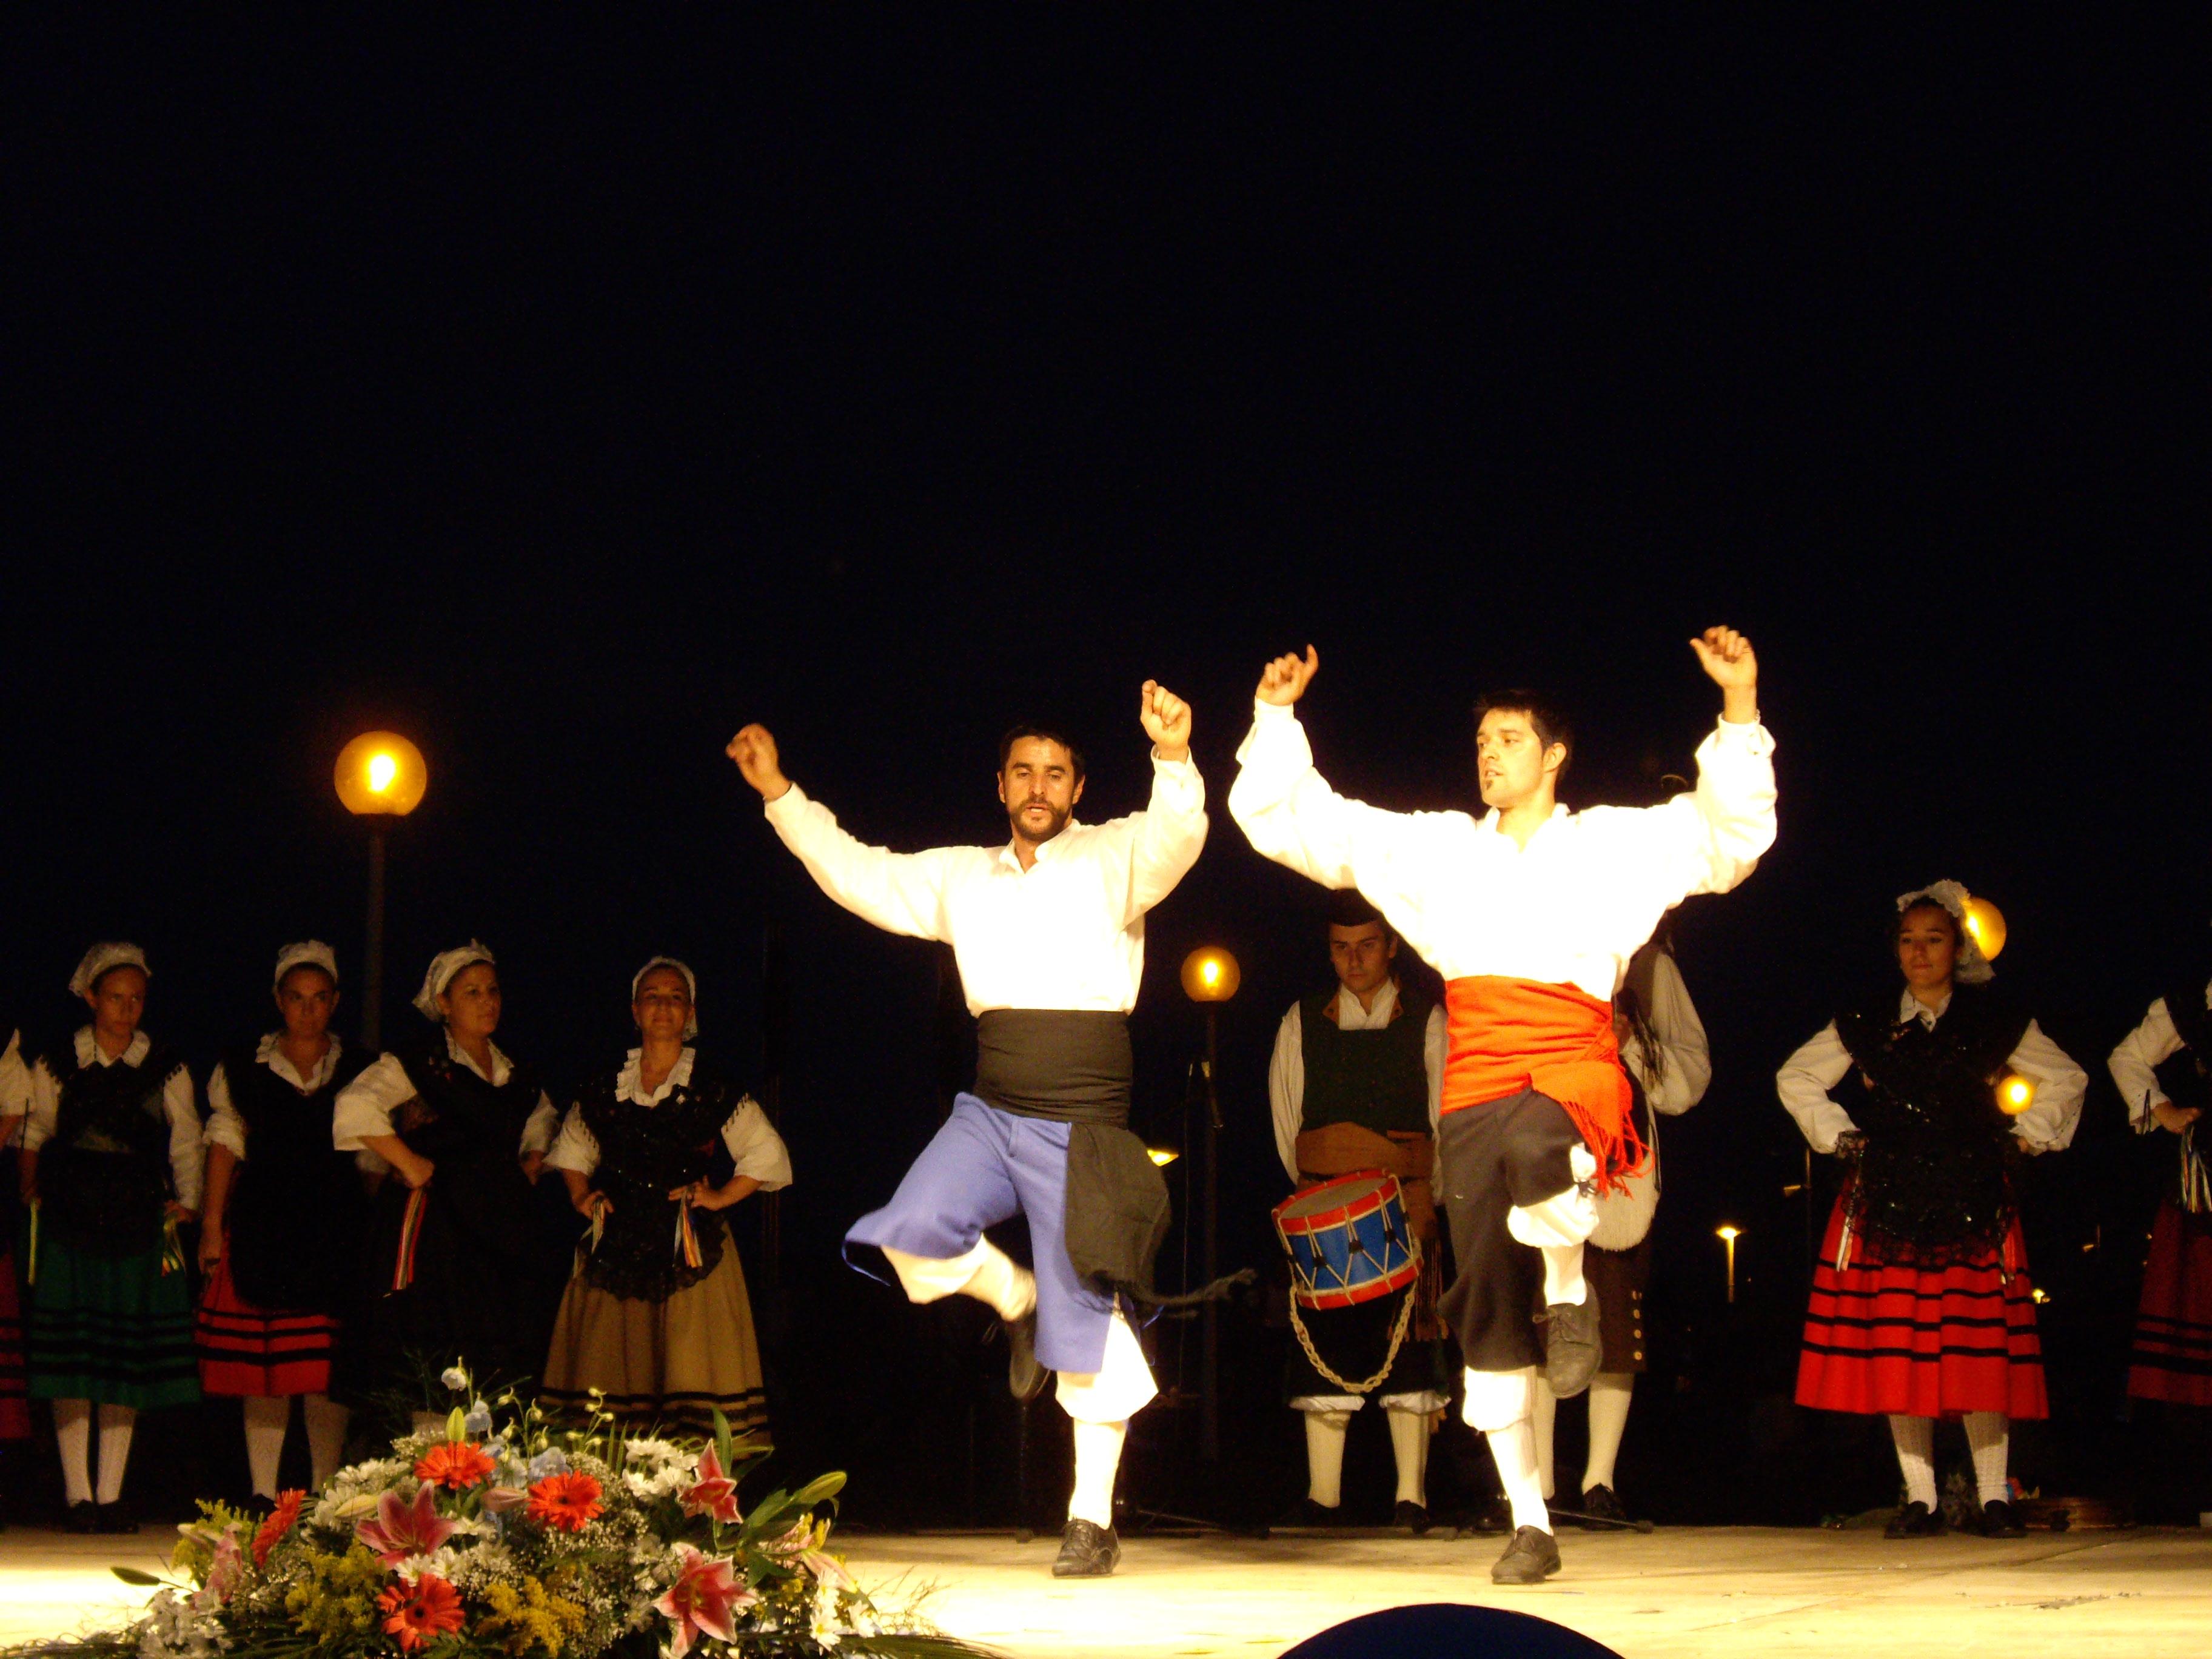 XIX Festival Folklórico Nacional de Castrillón